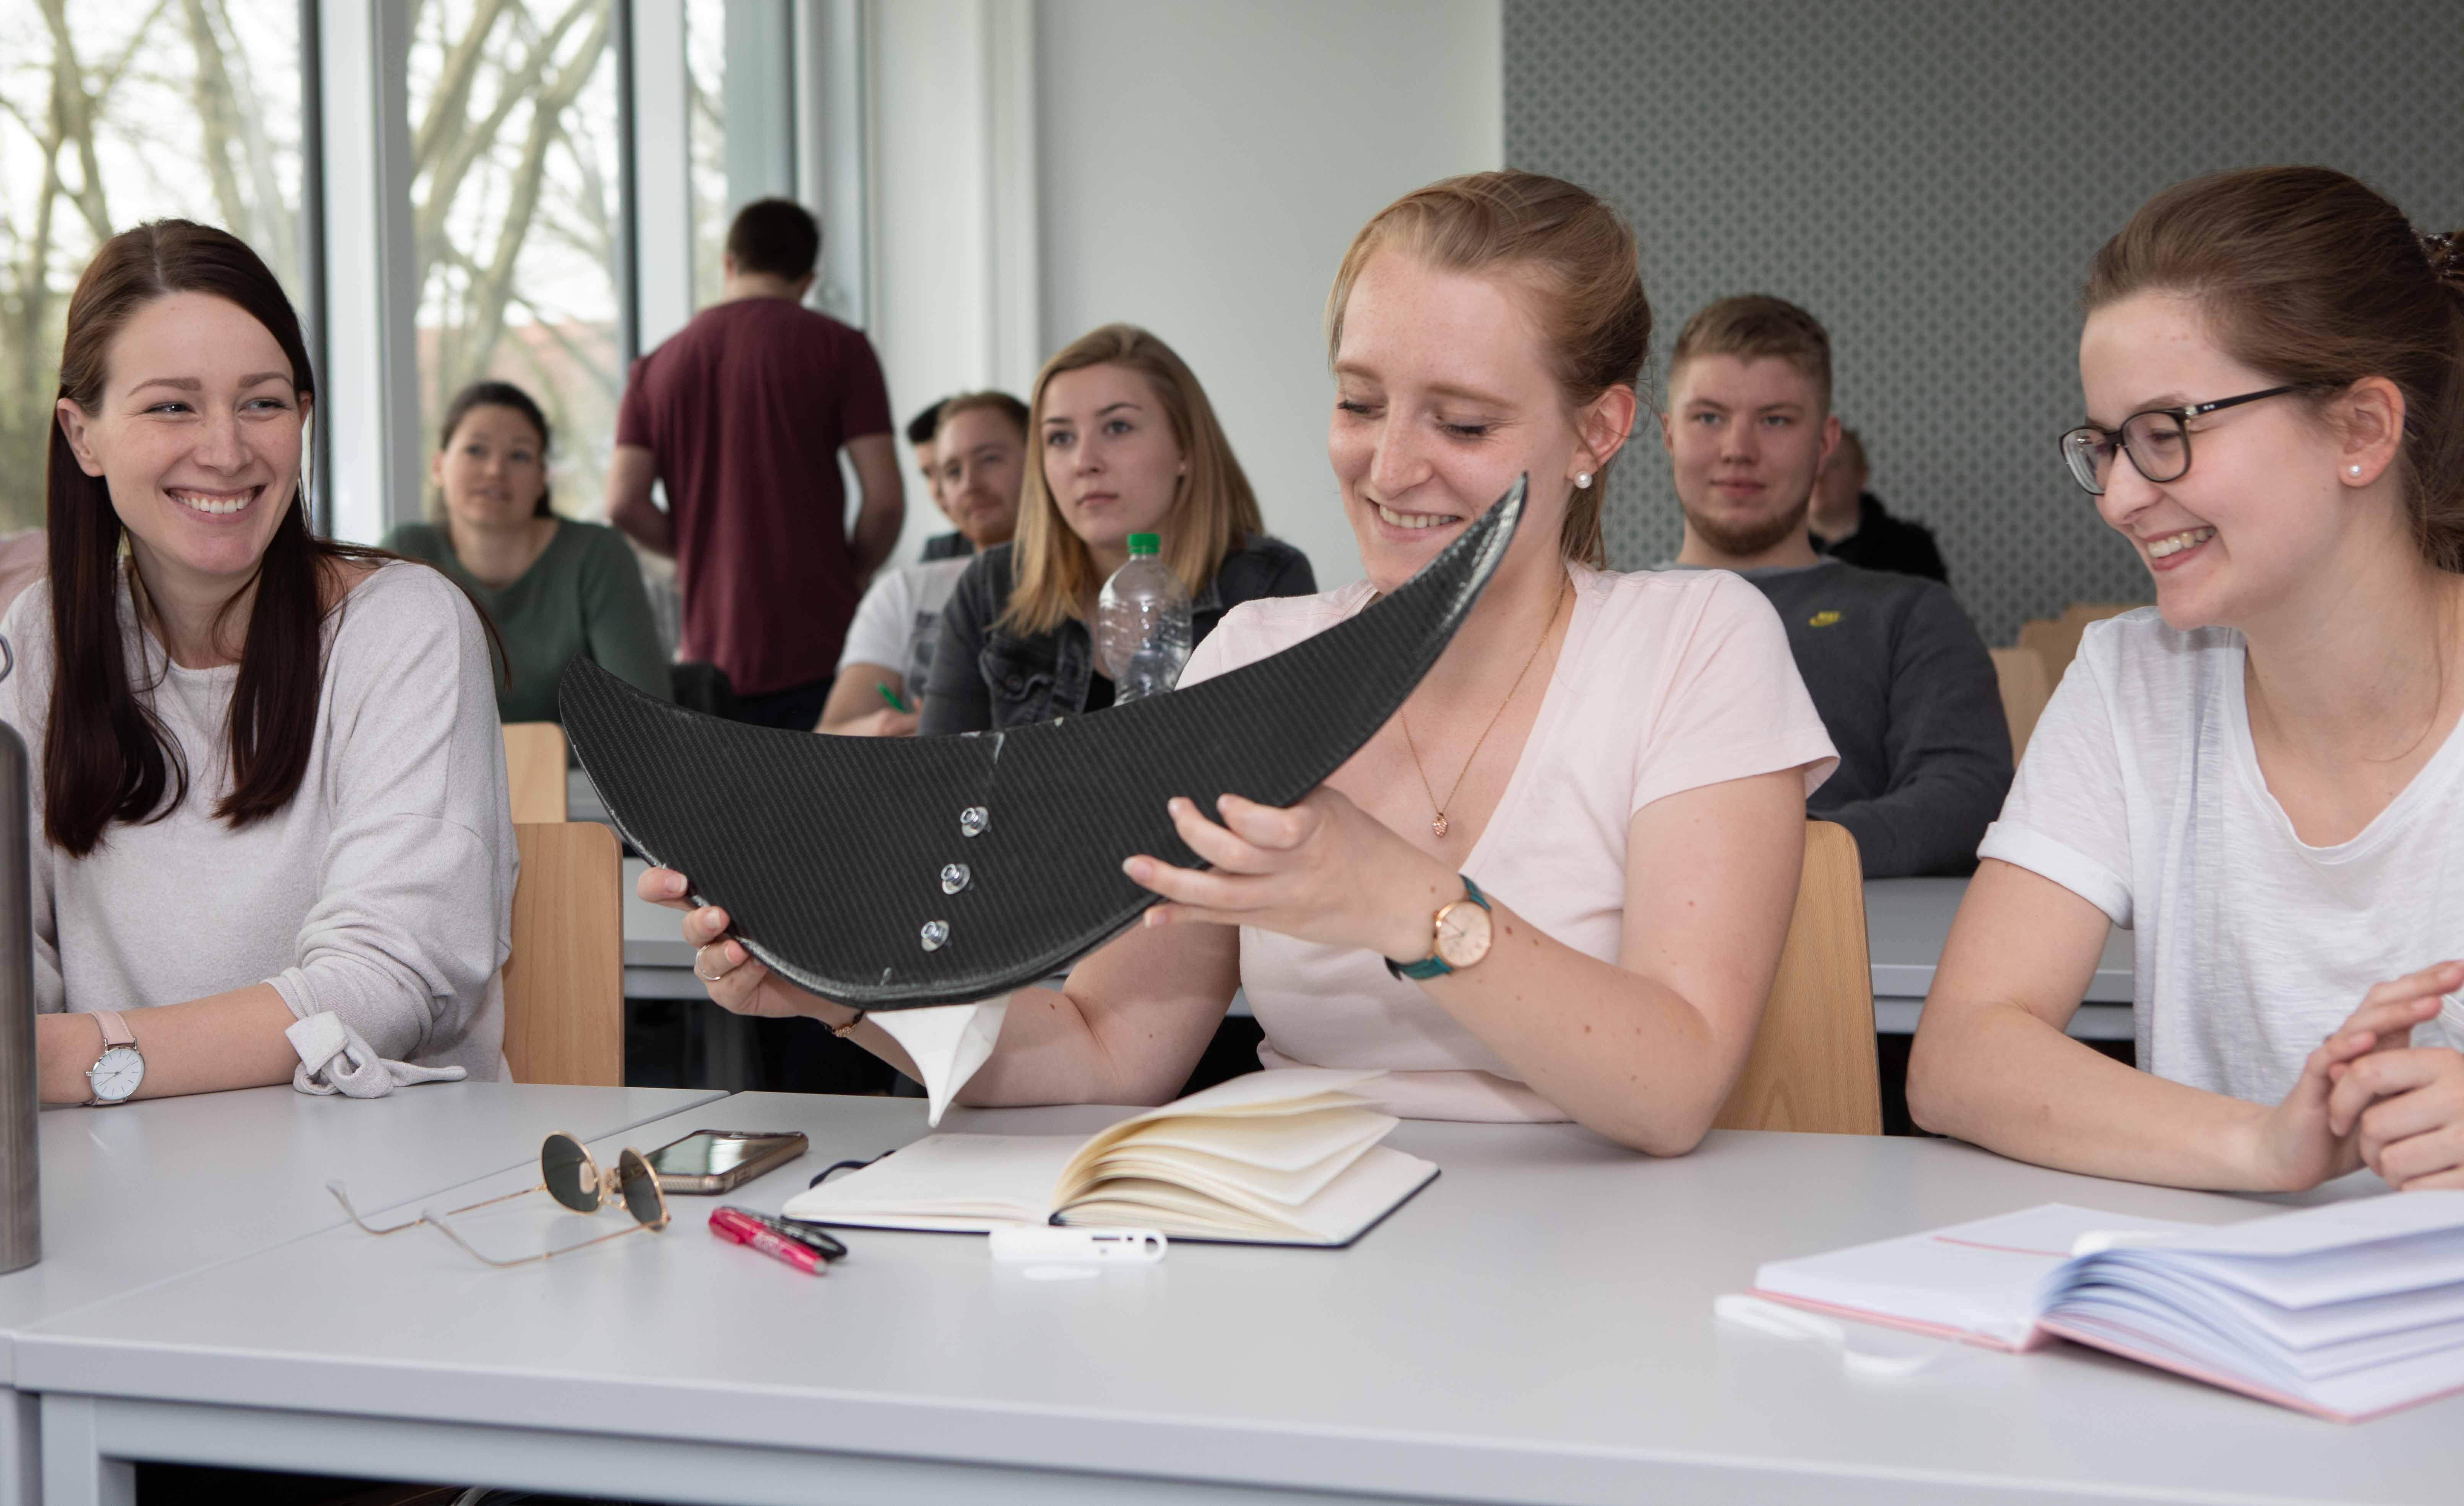 Studierende wie Alexandra Lumpe (Mitte) lernen im neuen Studiengang, Digitalisierungs-Technolo¬gien einzusetzen, die Ergebnisse ein¬zuordnen und die Möglichkeiten und Grenzen zu verste¬hen. Foto: FH/Nils Lenfers